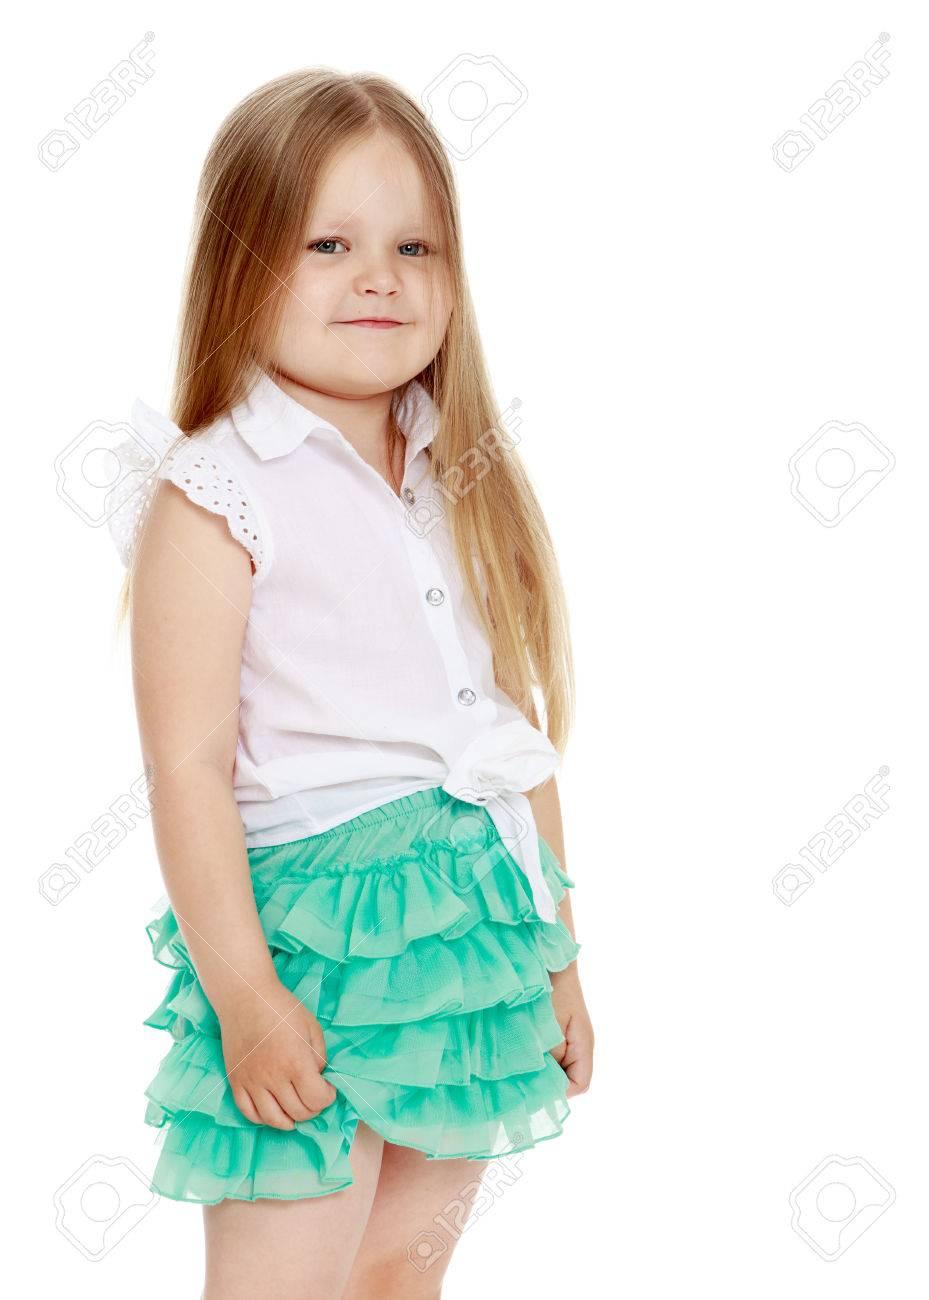 93d9d4701d263 Caucasian Petite Fille Aux Longs Cheveux Blonds Sous Les épaules ...